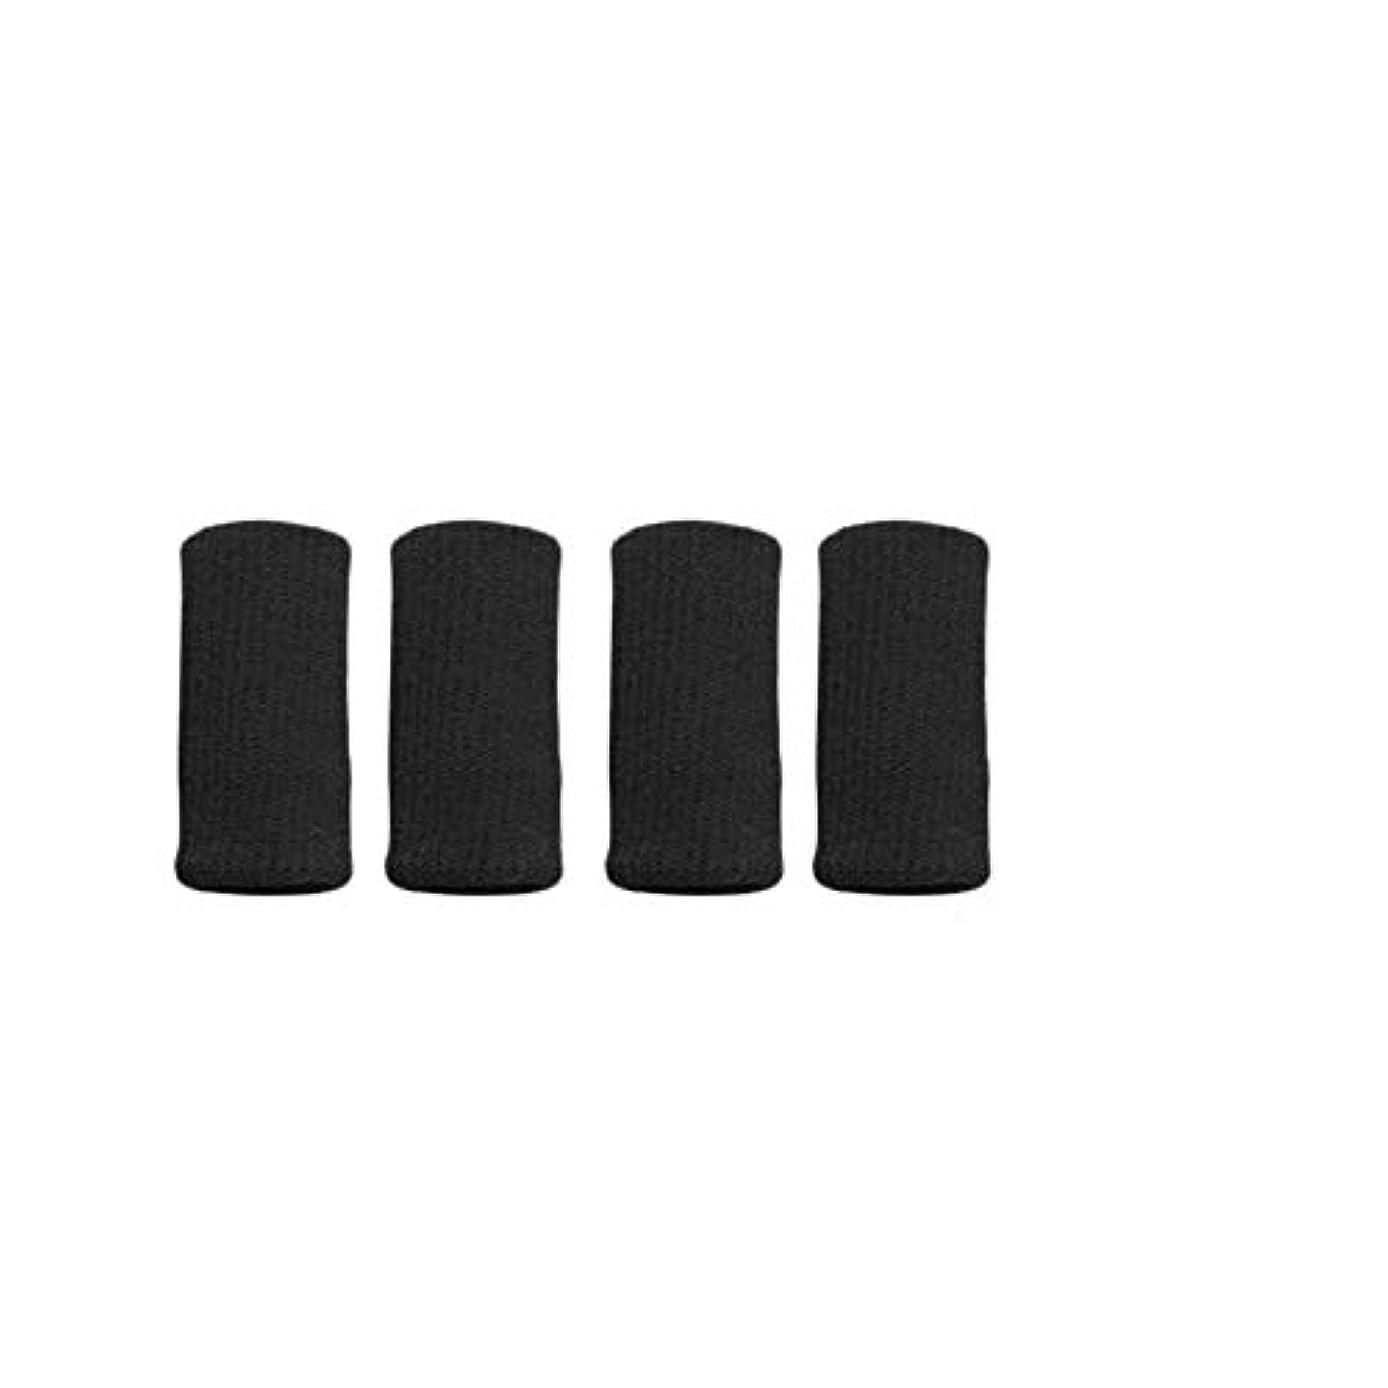 世界に死んだ学生燃料1st market 指の袖はバスケットボールの腱炎のための伸縮性がある保護装置カバーを支えます